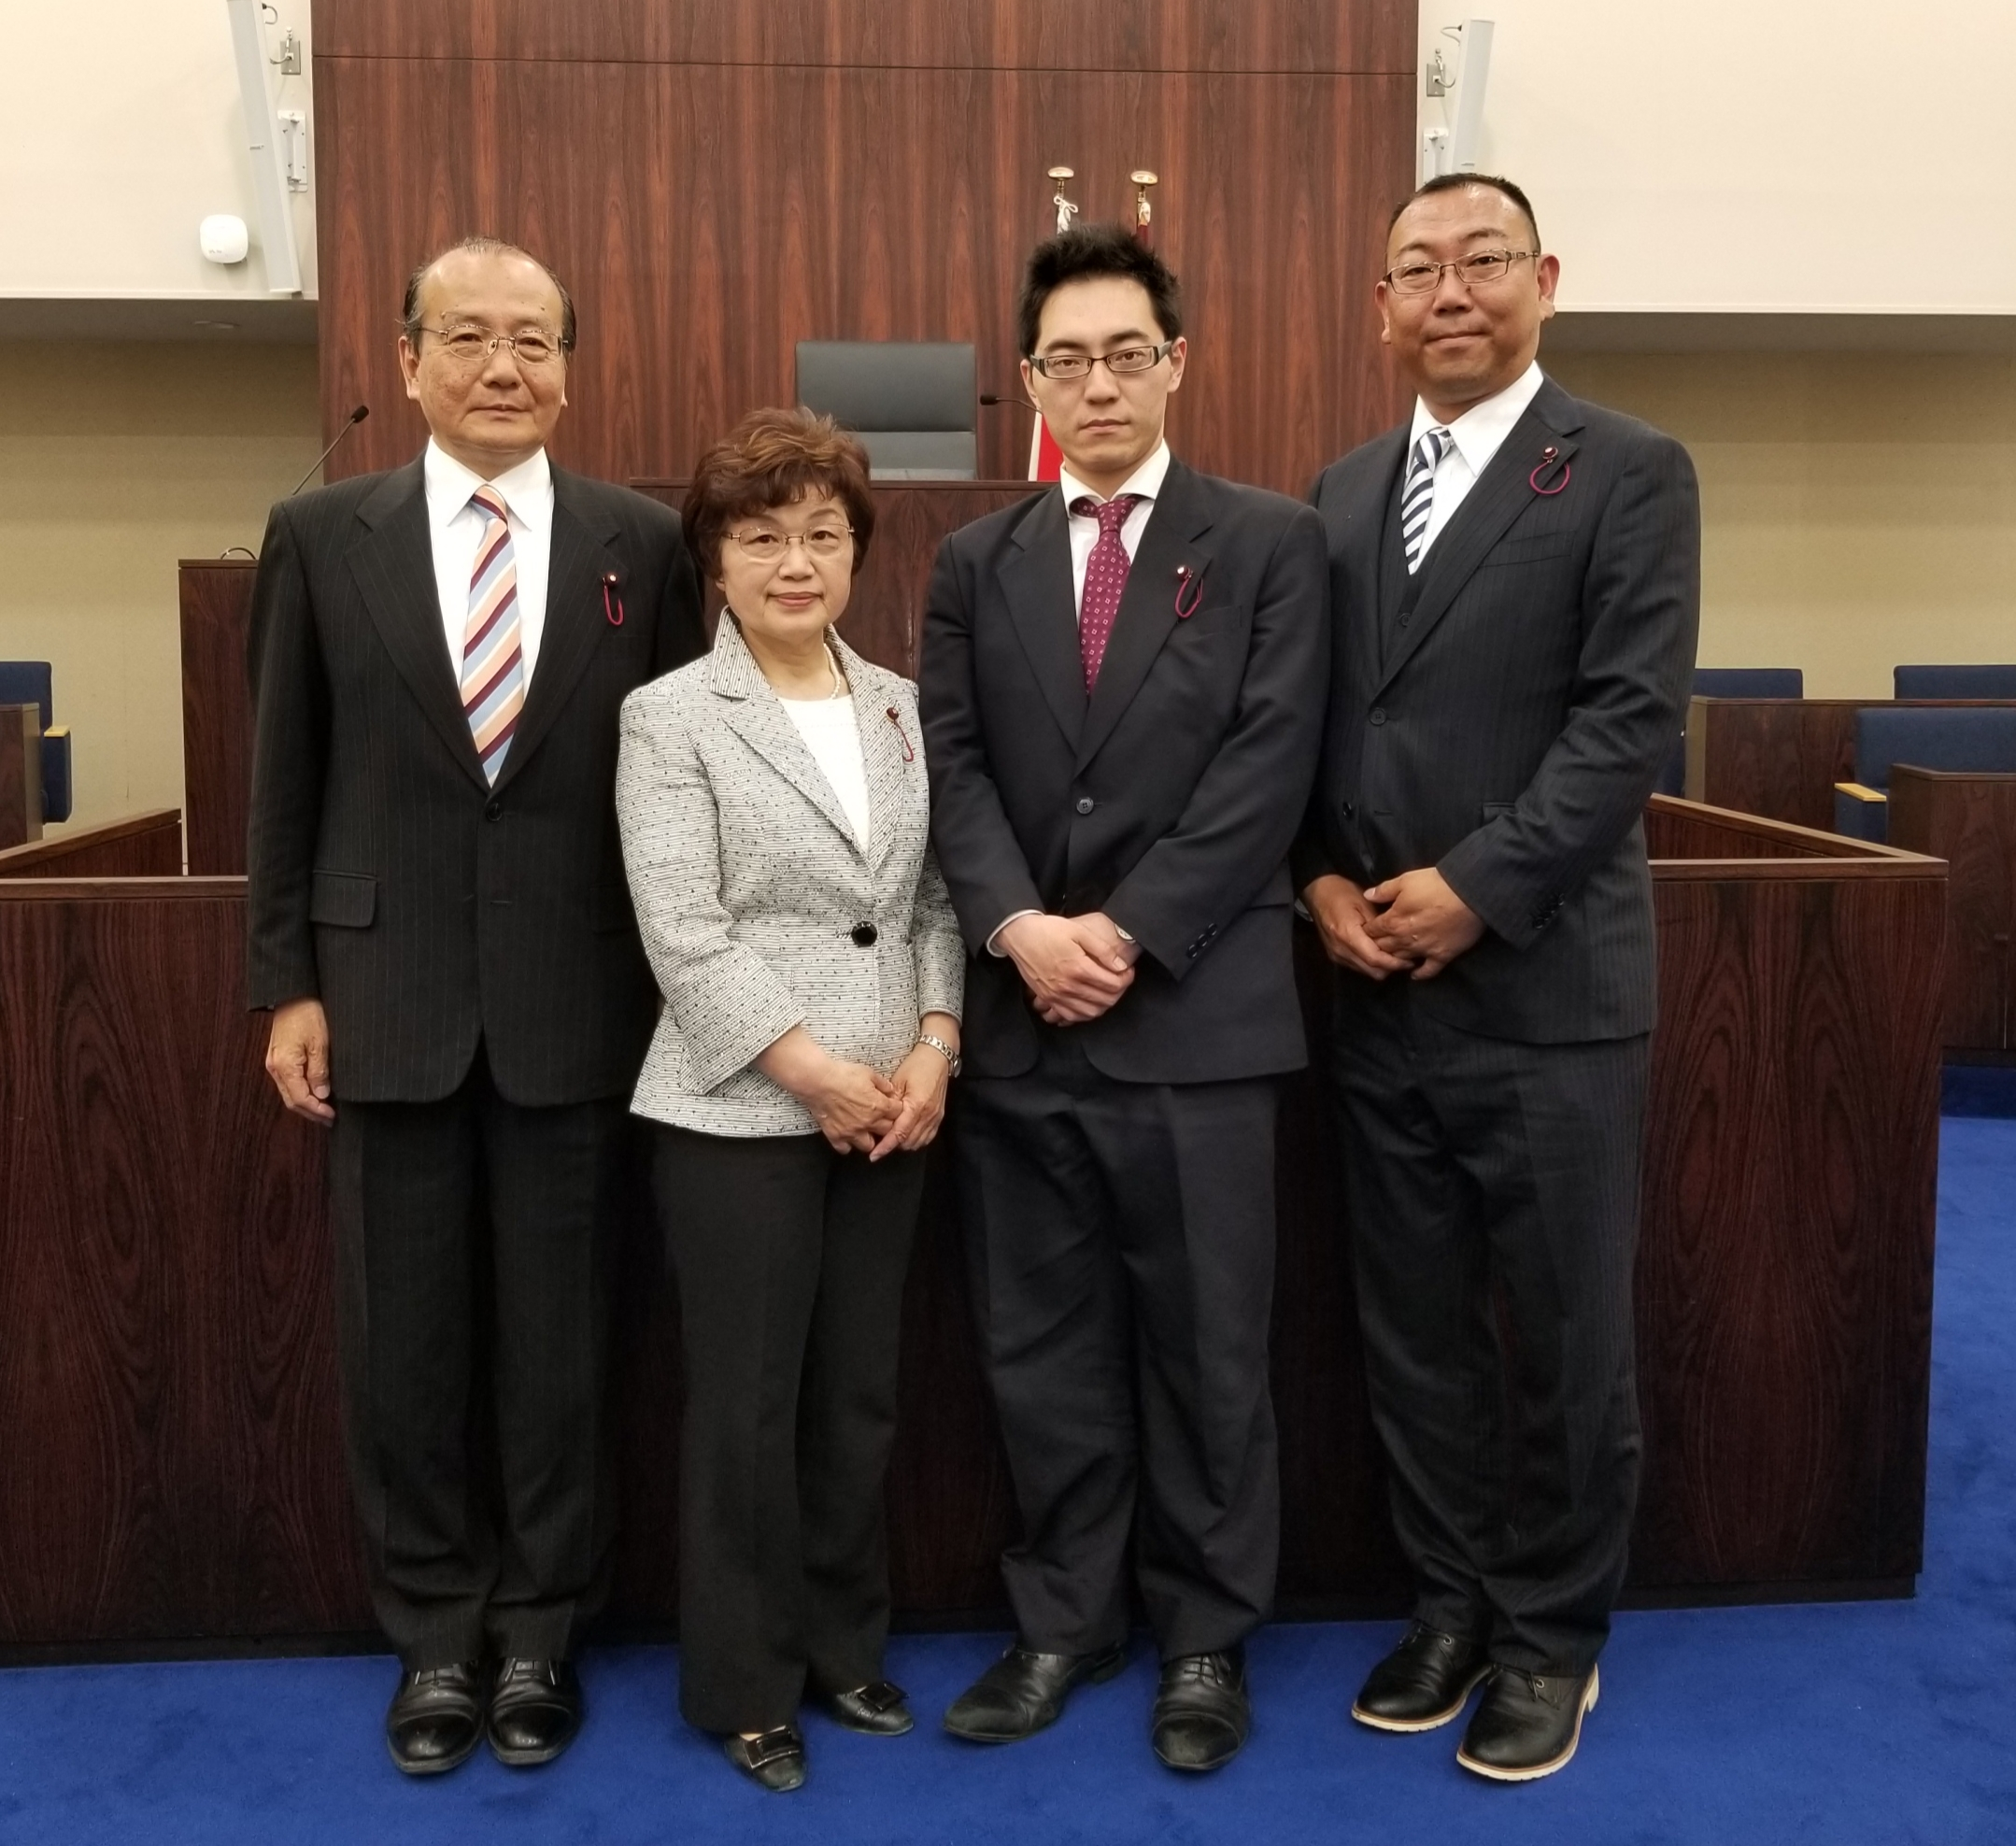 新しい共産党台東区議団が初めて議会に